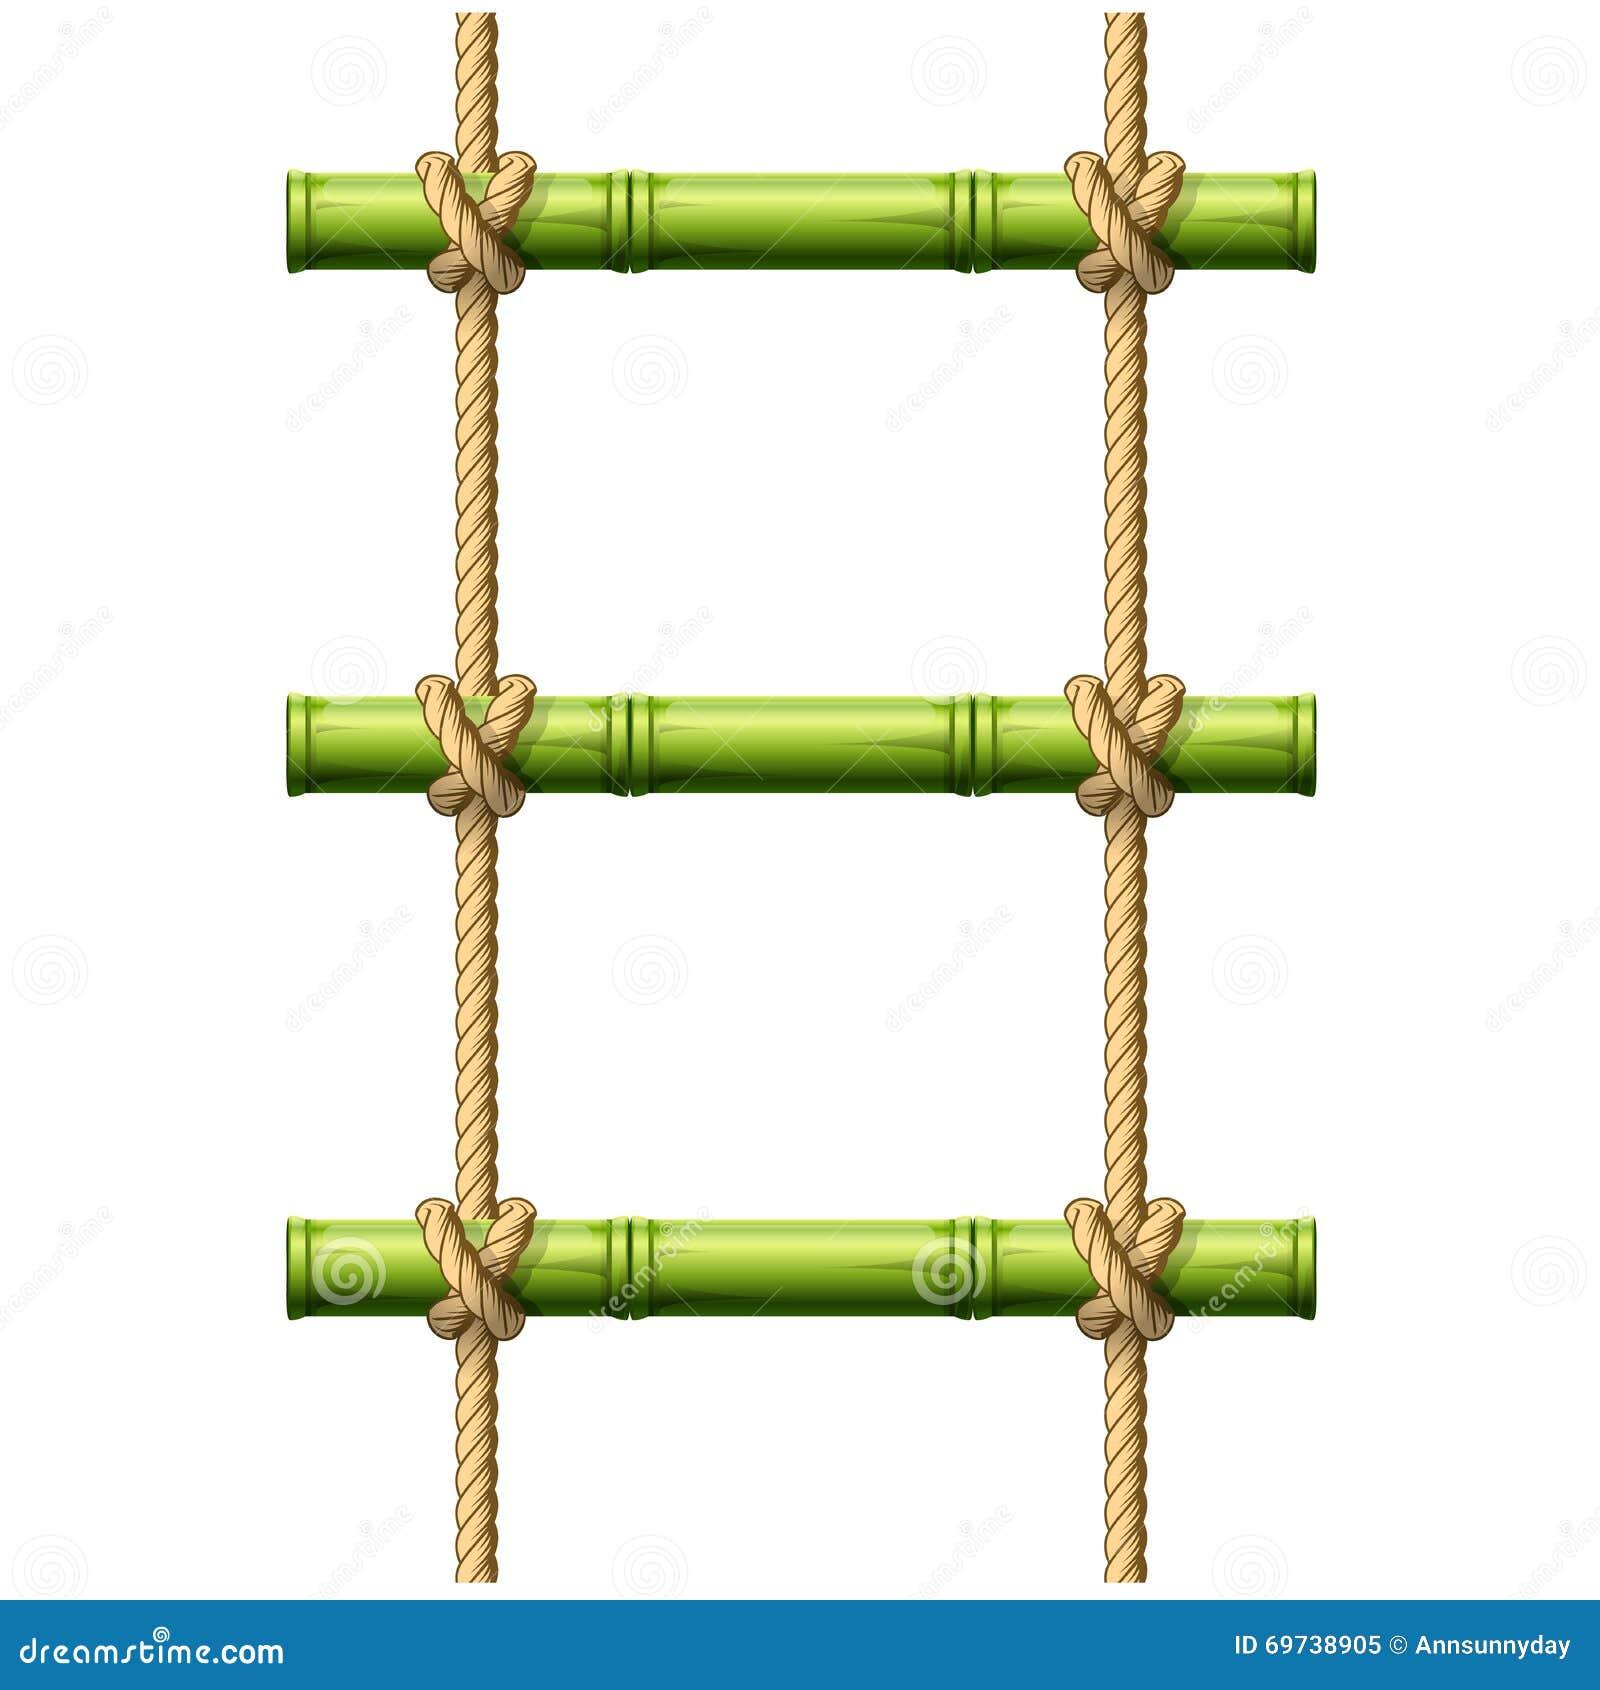 chelle de corde en bambou illustration de vecteur image. Black Bedroom Furniture Sets. Home Design Ideas